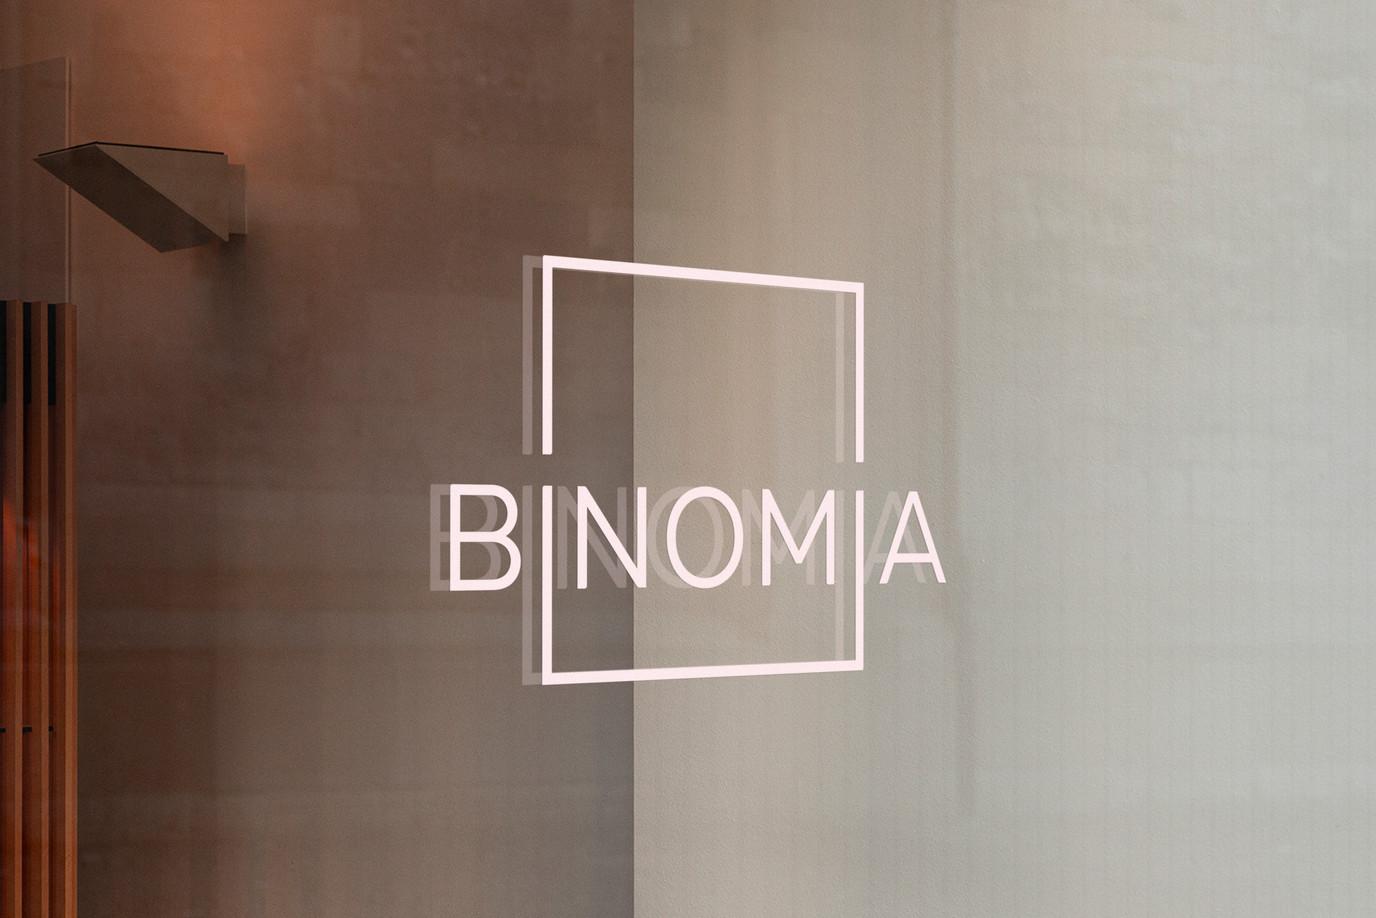 08-BINOMIA_MOCKUP.jpg